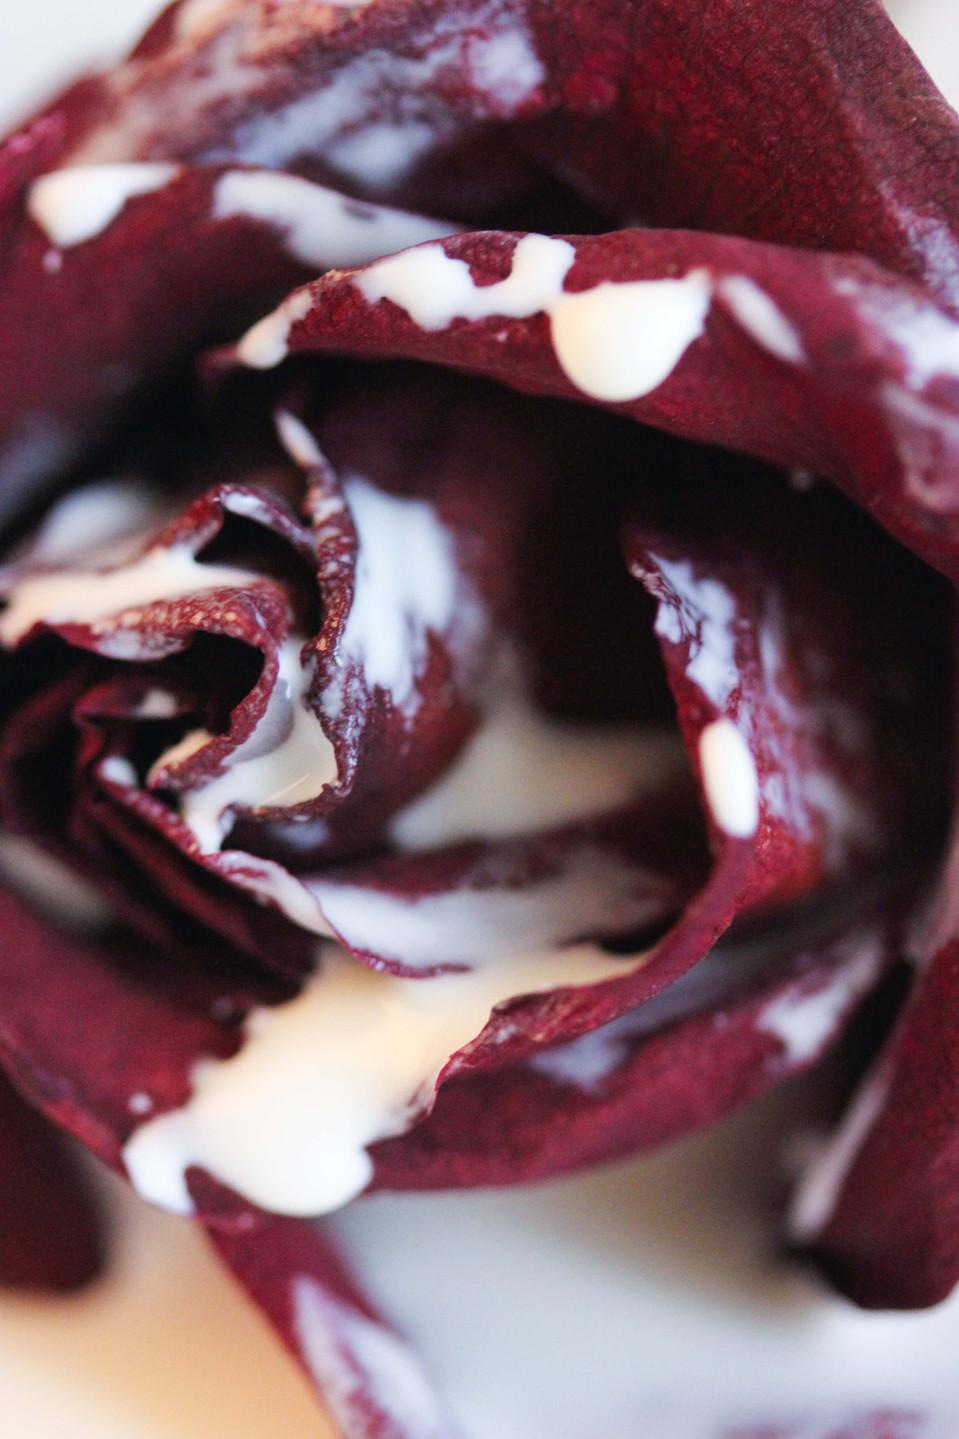 NMills-RosesRed.jpg